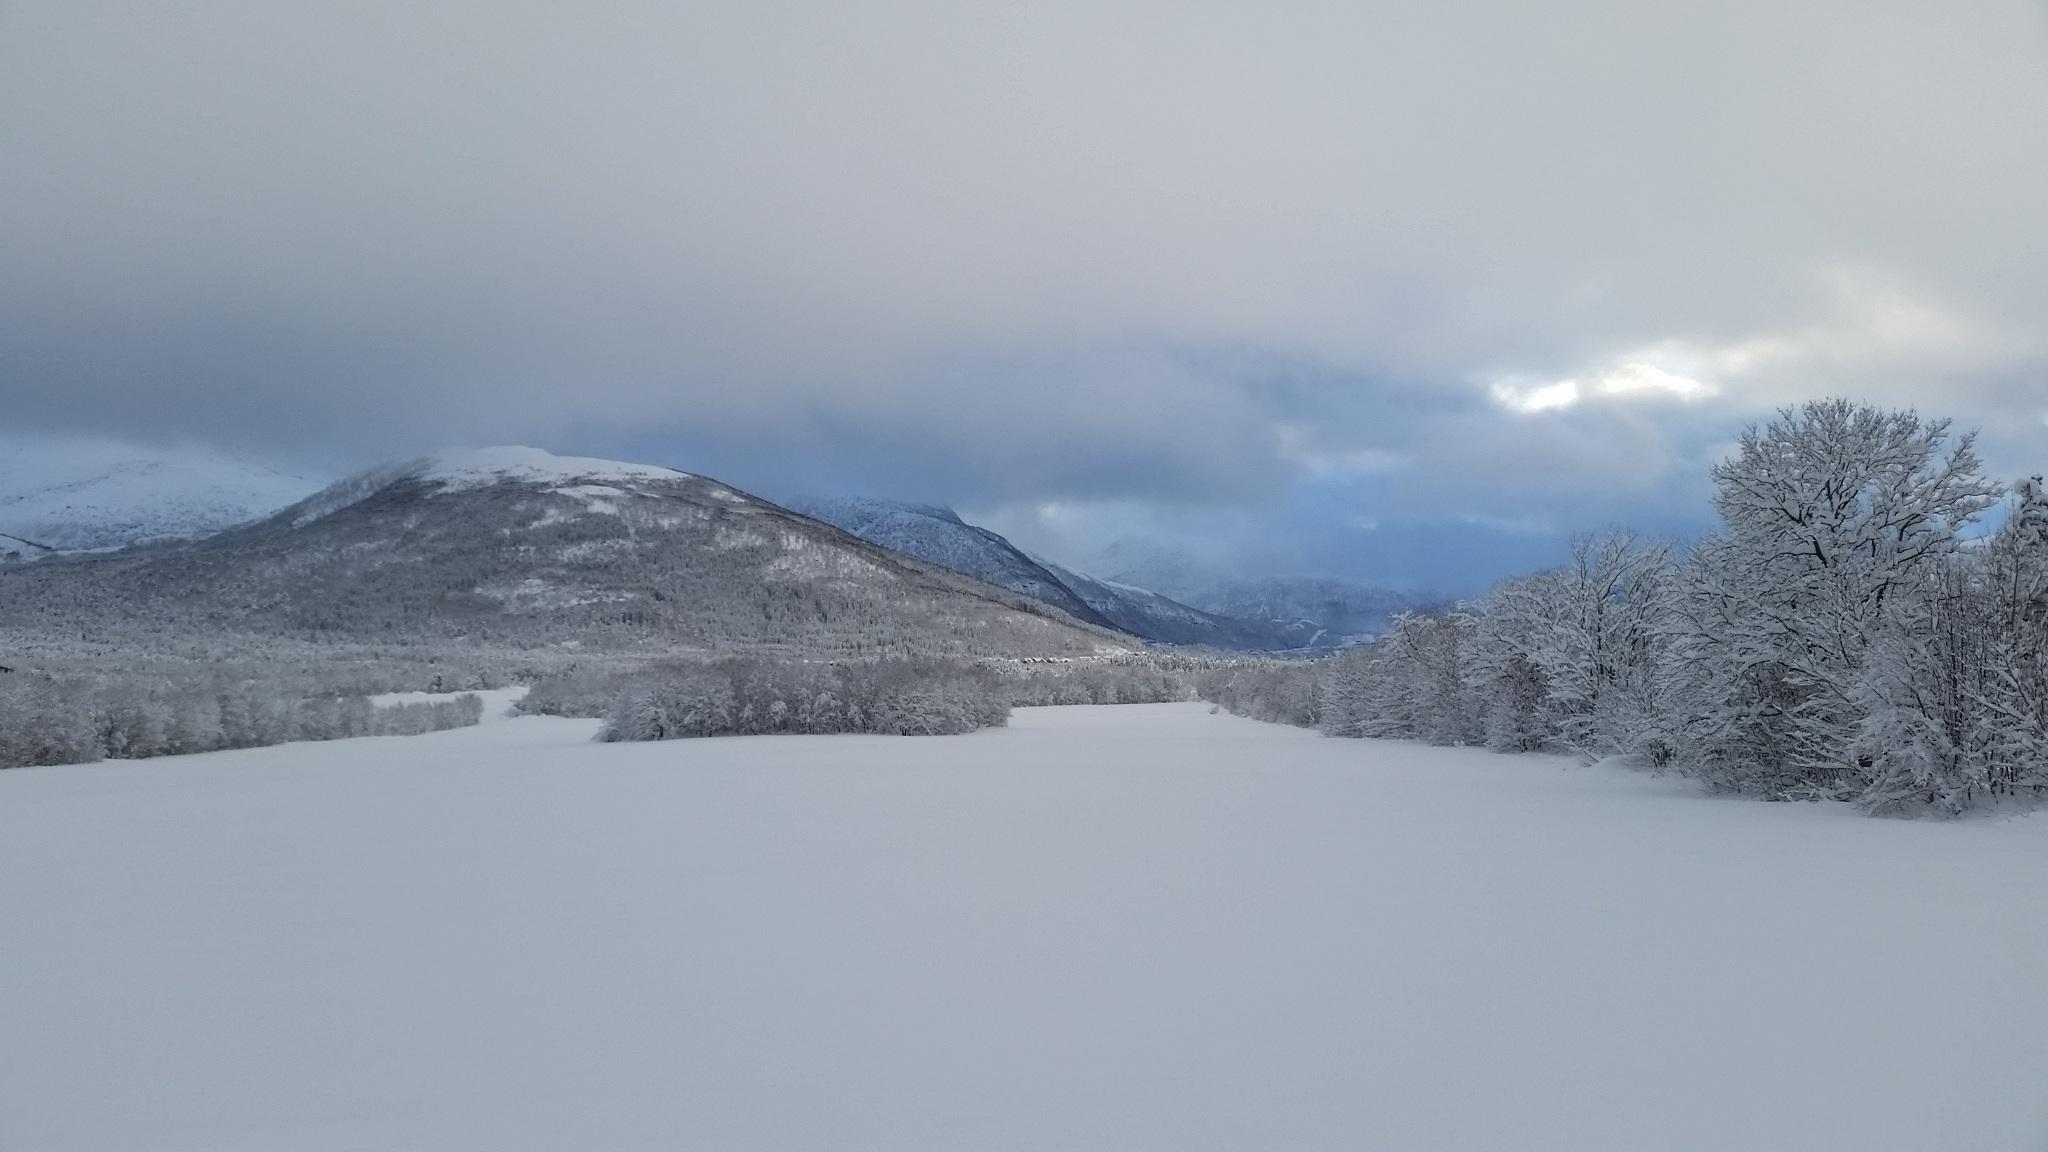 mùa đông Phong cảnh mùa đông Nhiếp ảnh phong cảnh Scandinavia Nordic Na Uy trong cơn